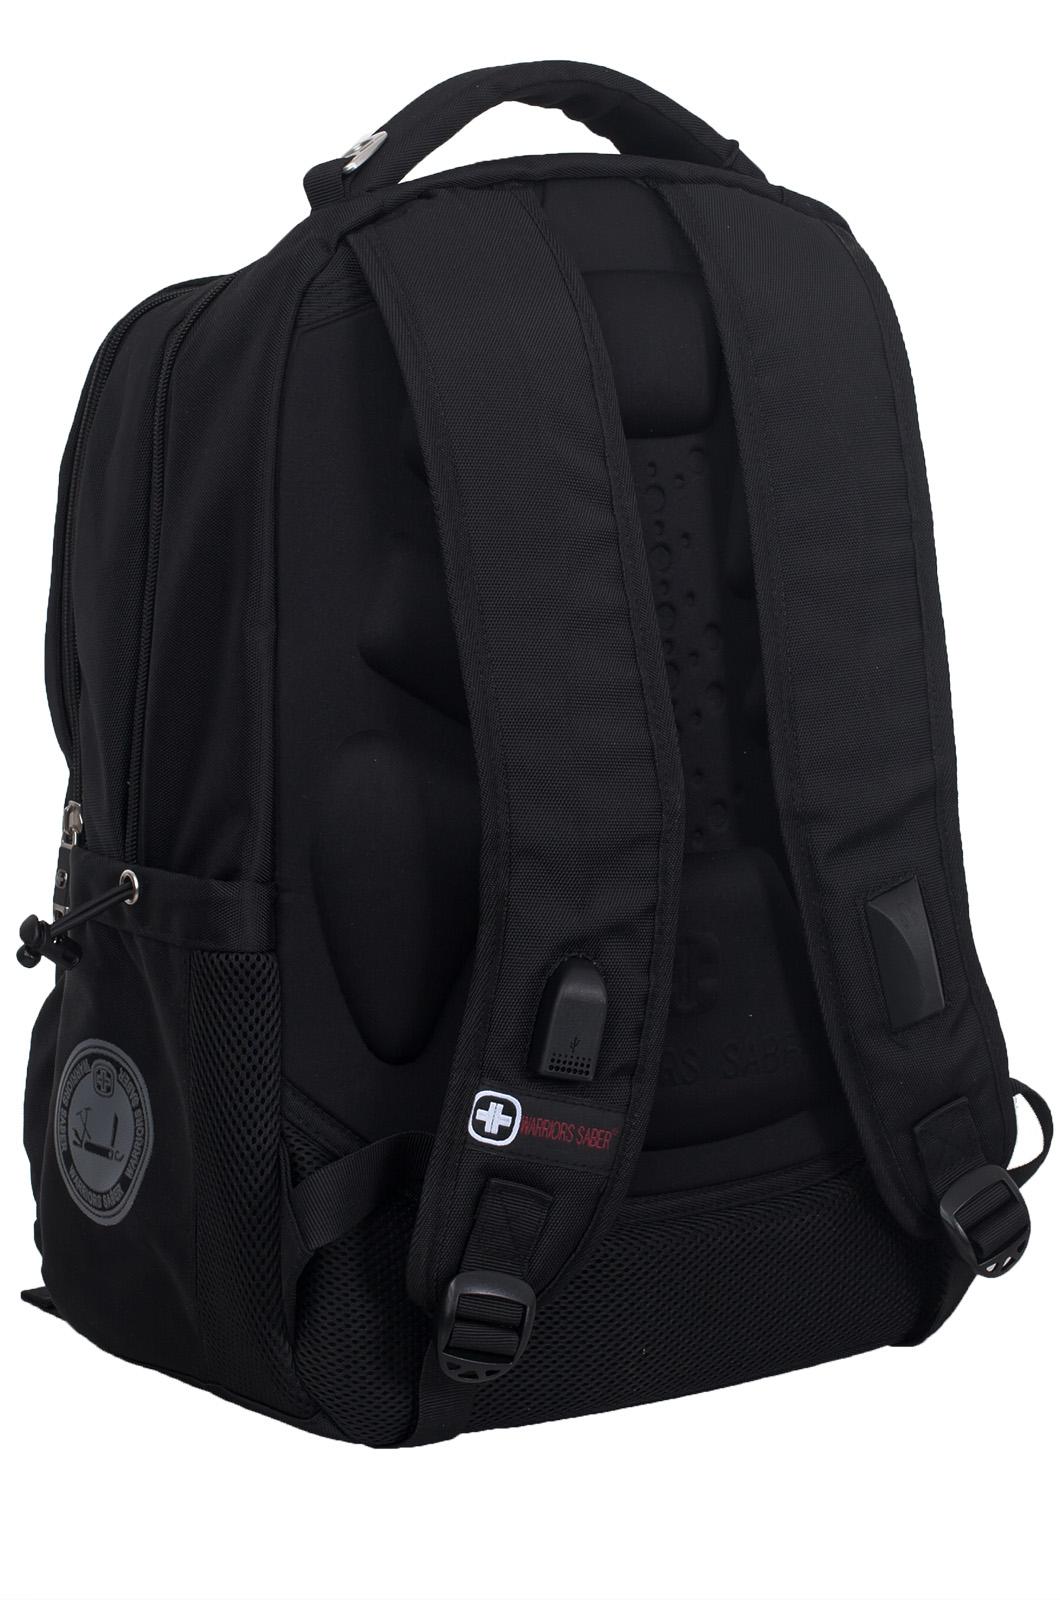 Черный мужской рюкзак с нашивкой Погранслужбы - купить с доставкой